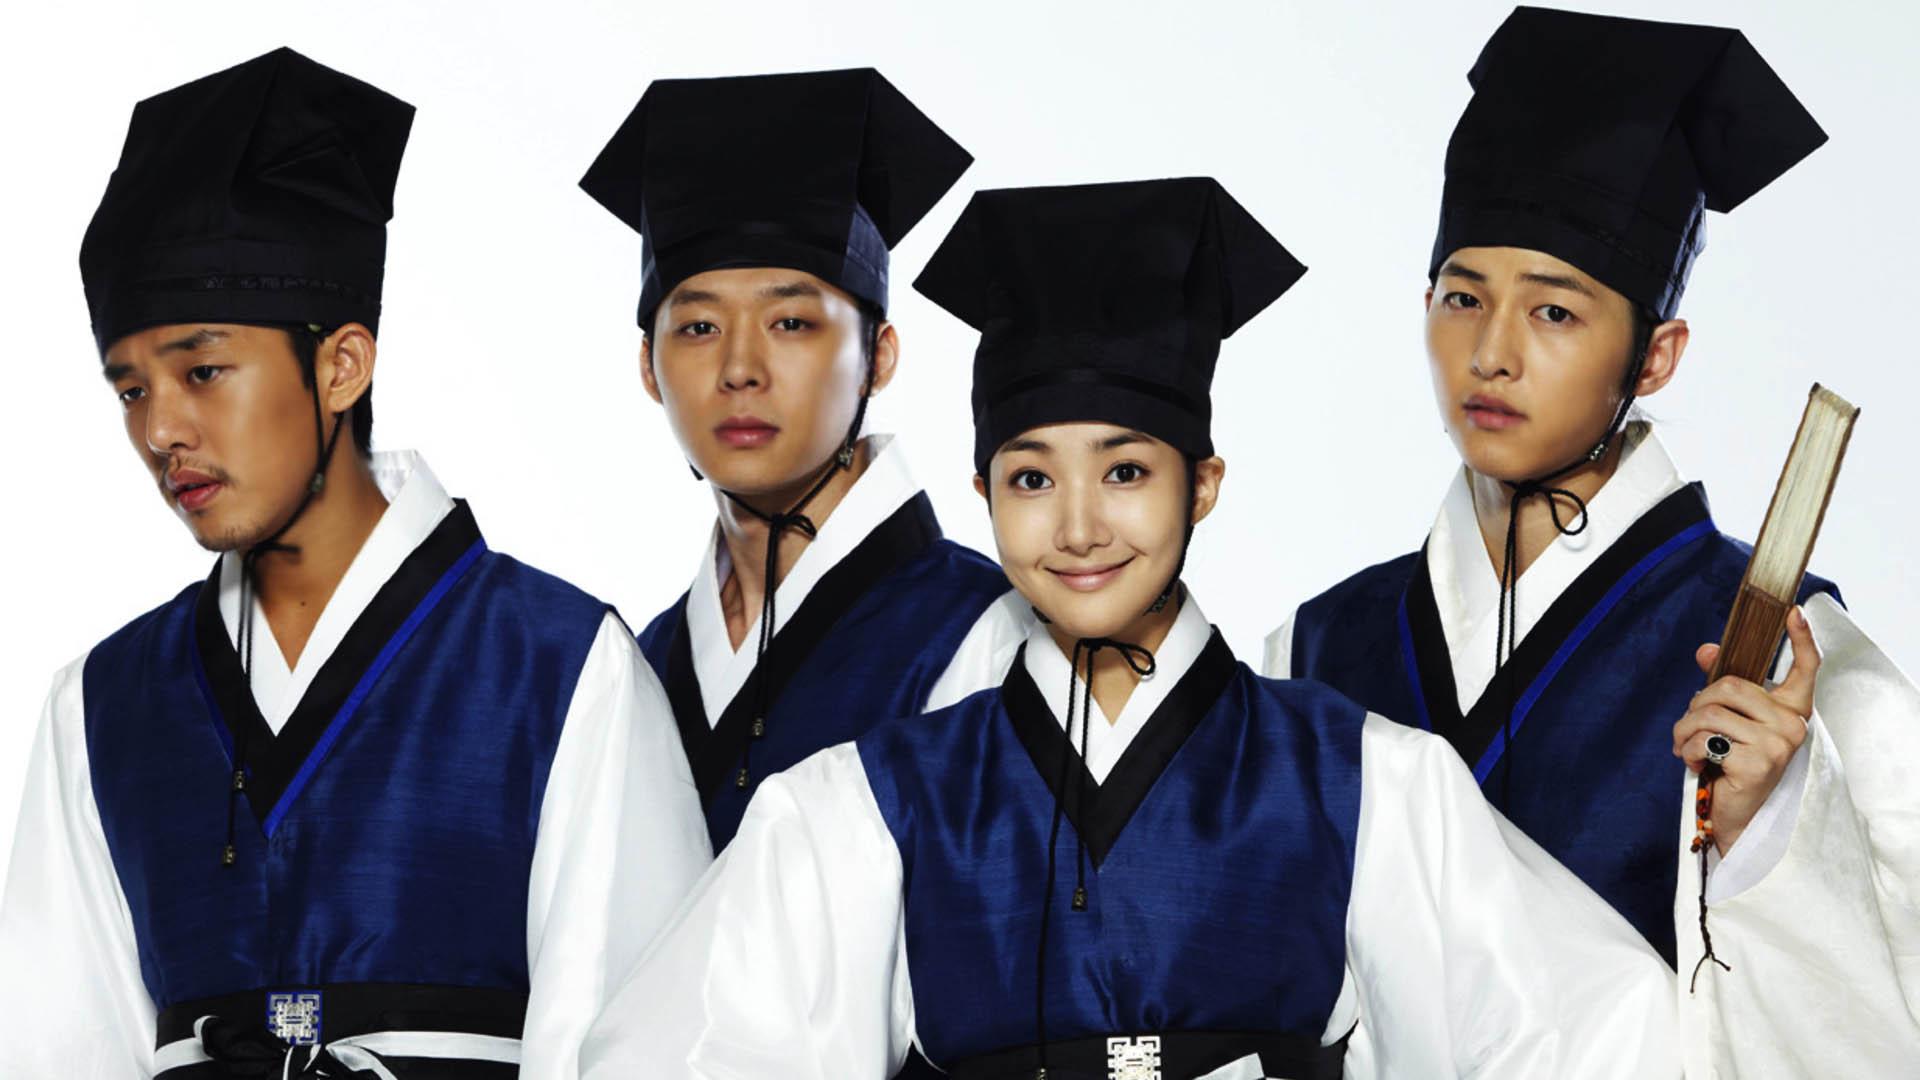 Sungkyunkwan Scandal ซีรีส์เกาหลีเรื่องนี้สนุกหรือเปล่าครับ ? - Pantip